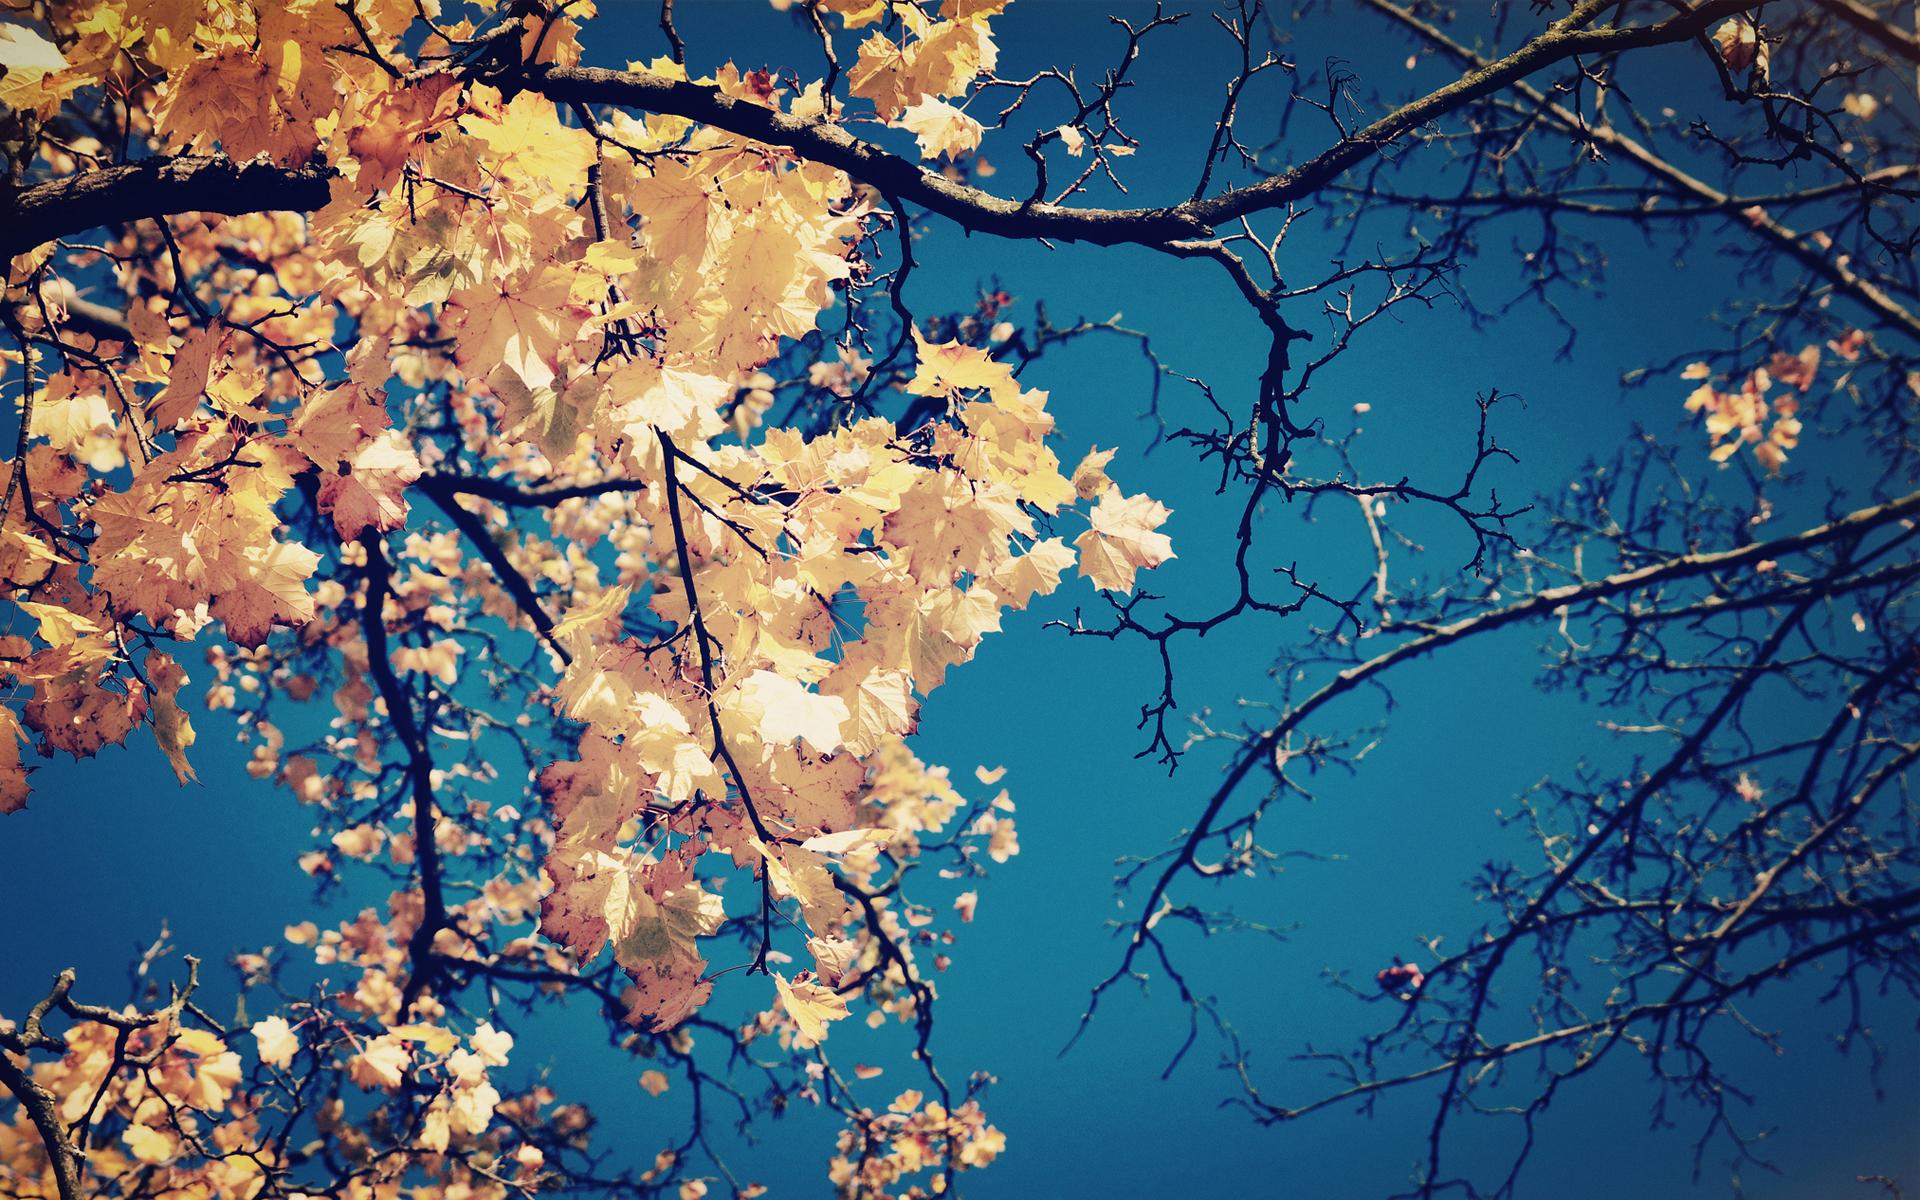 природа деревья ветки листья nature trees branches leaves  № 1275135 загрузить